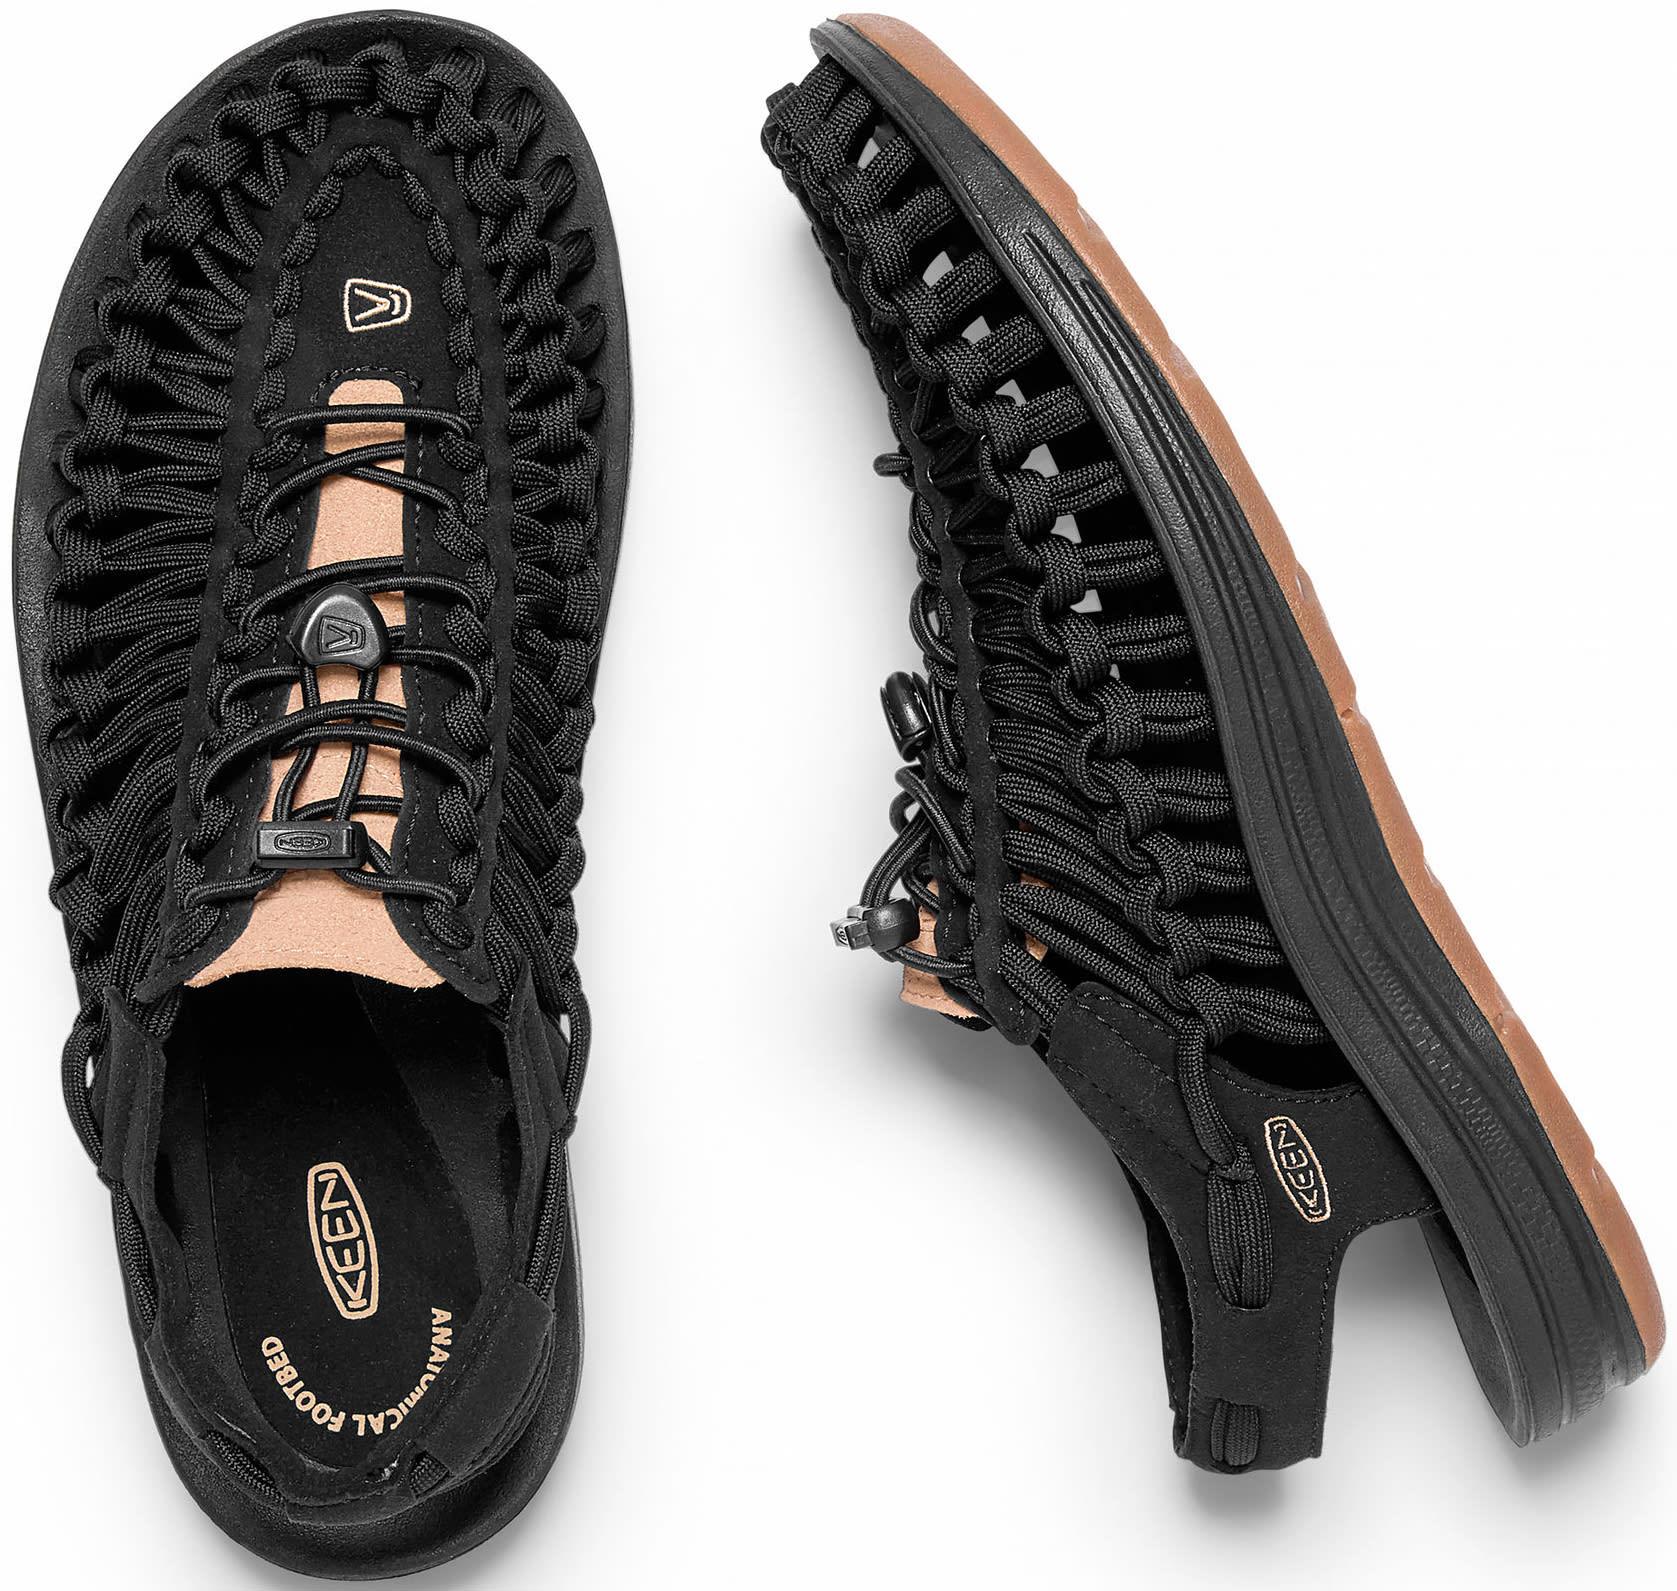 abcdb3219e67 Keen Uneek Flat Cord Sandals - thumbnail 2